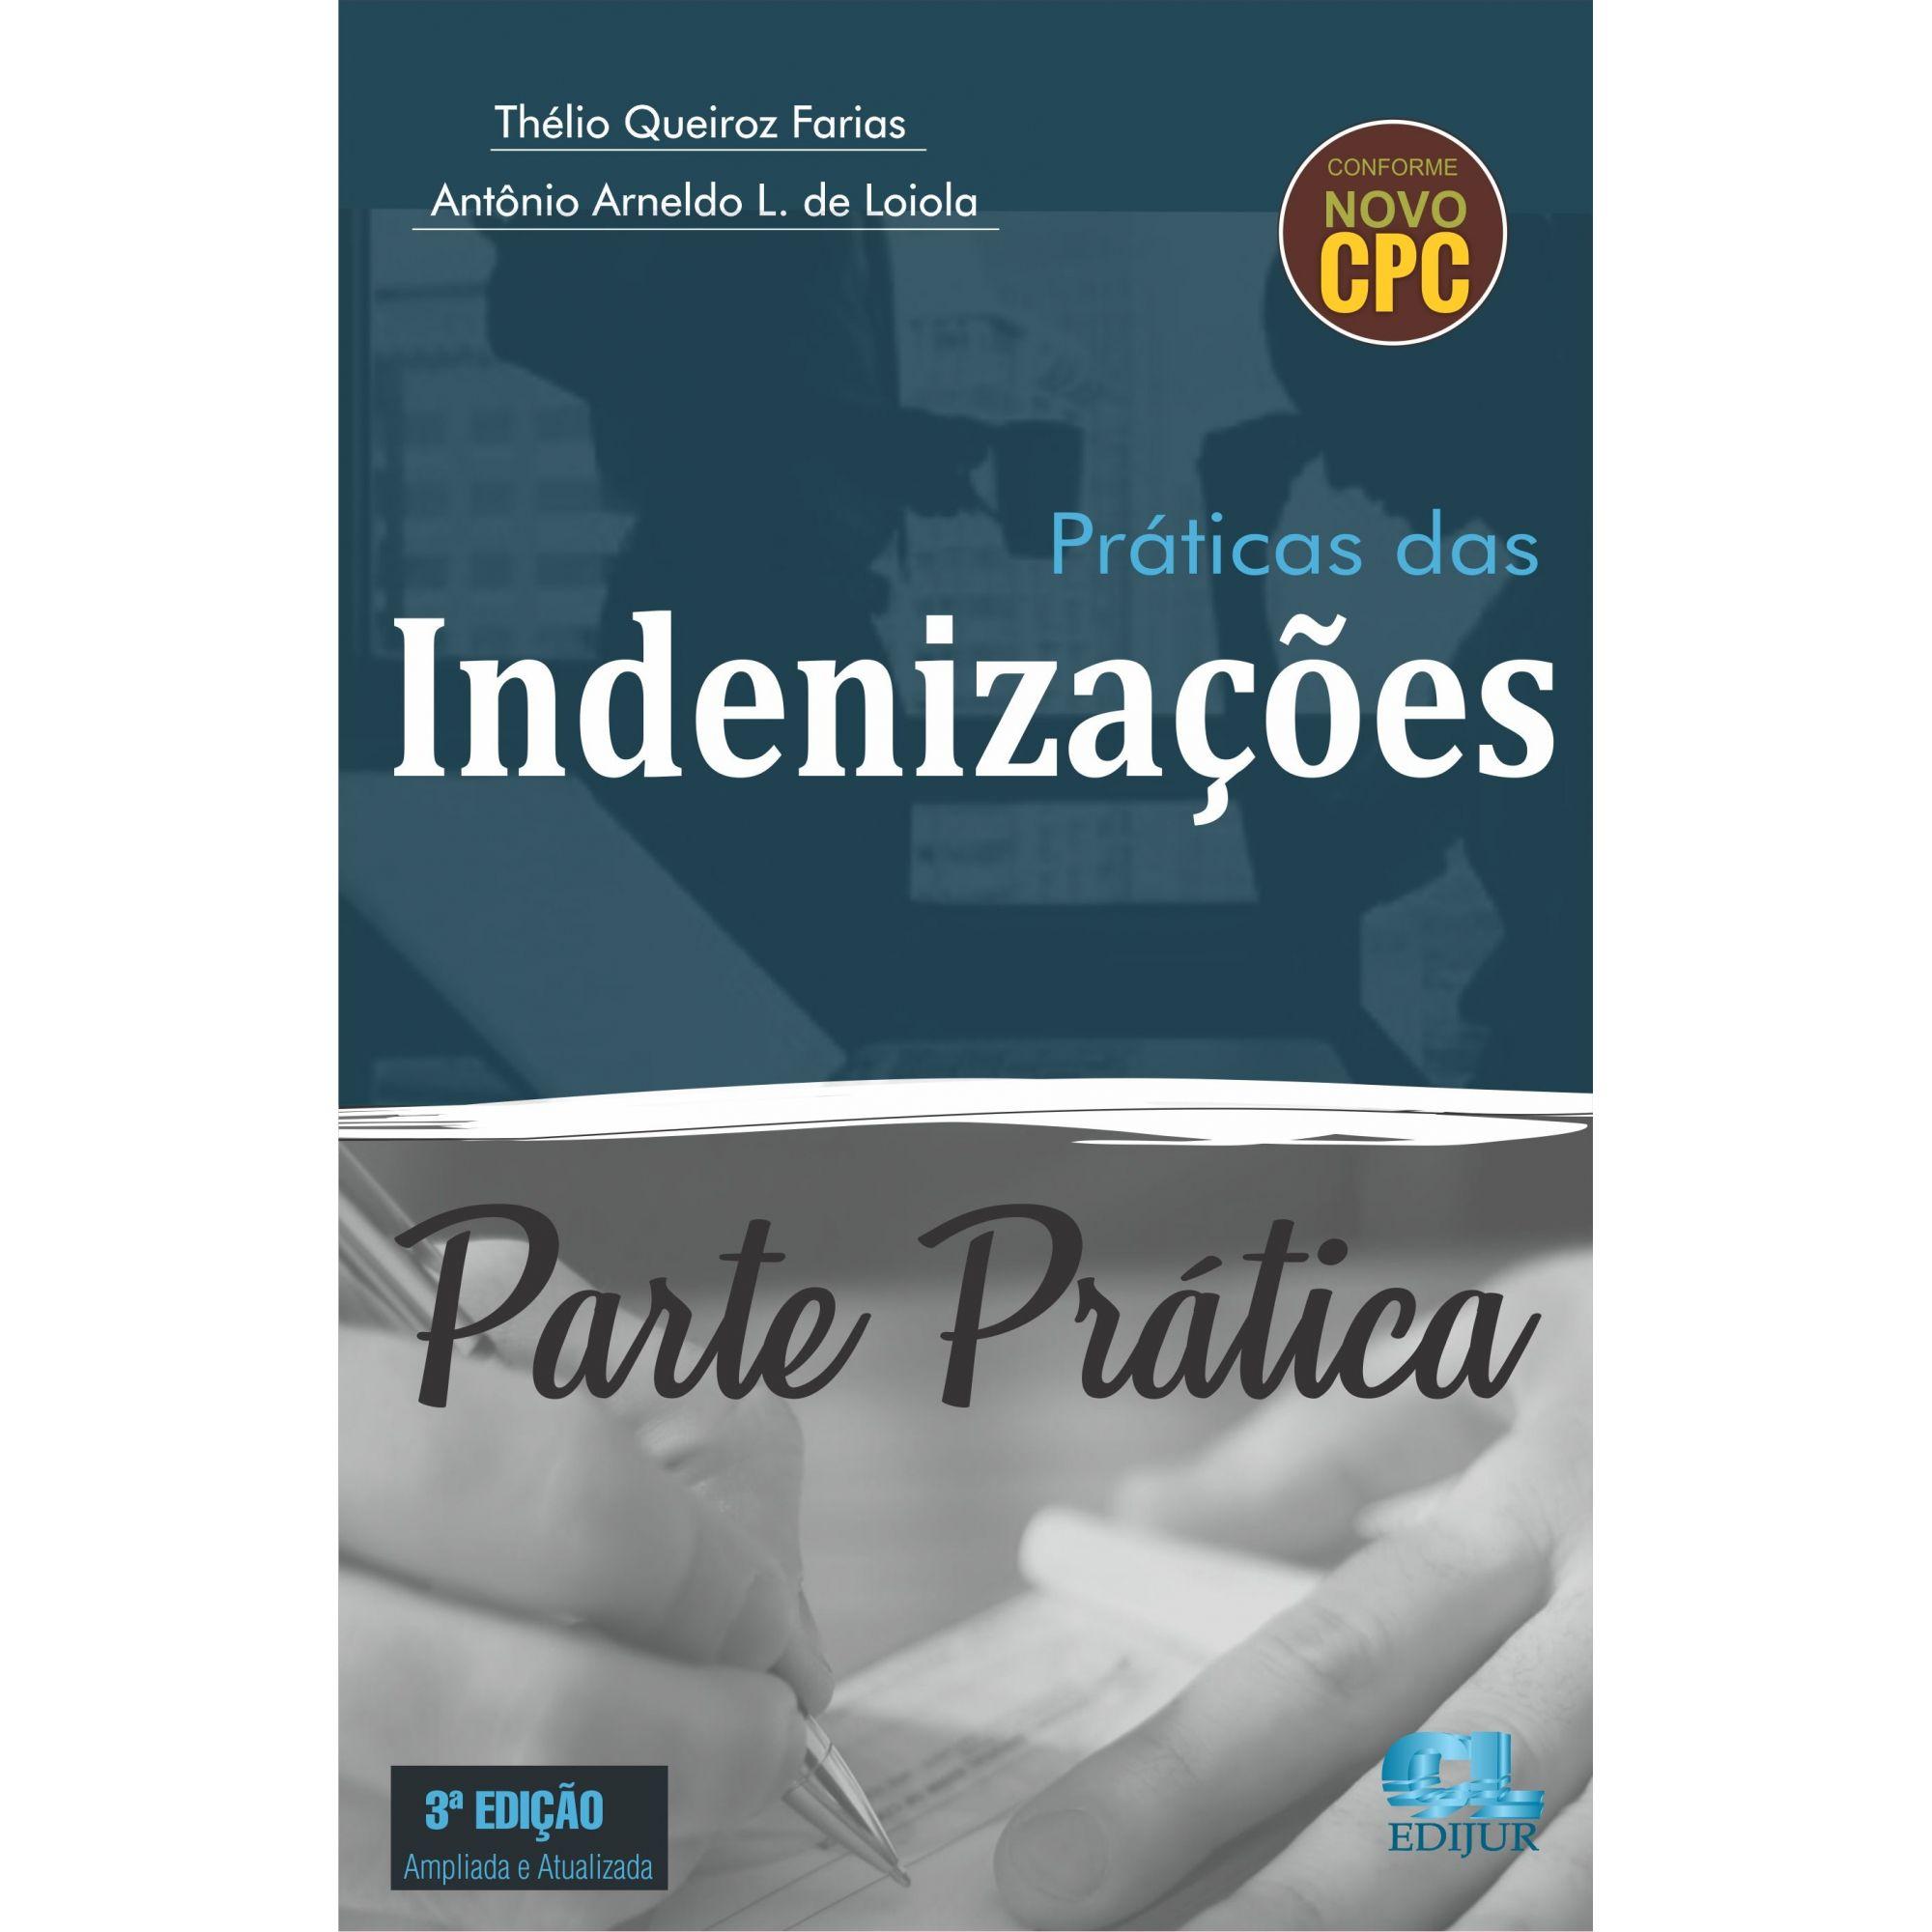 Parte Prática - Práticas das Indenizações (SOMENTE PARTE PRÁTICA)  - Edijur Editora